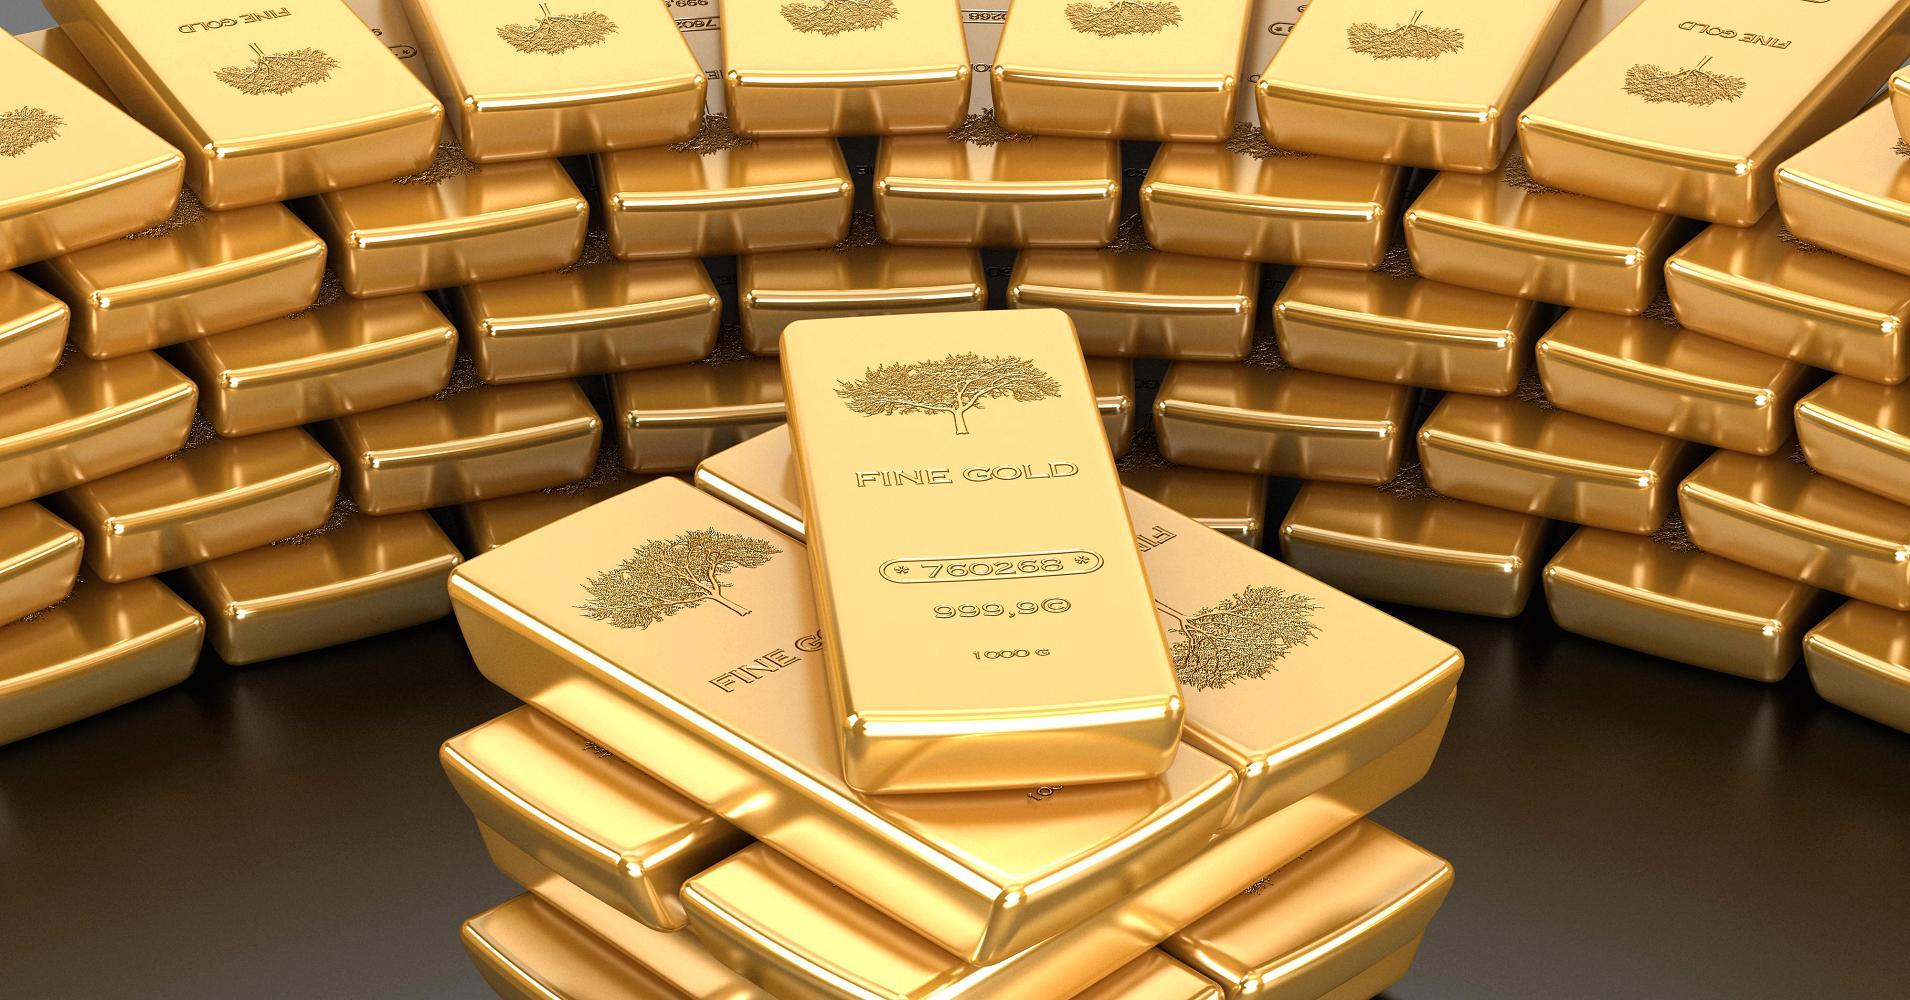 أسعار الذهب اليوم الثلاثاء 18-9-2018 في مصر